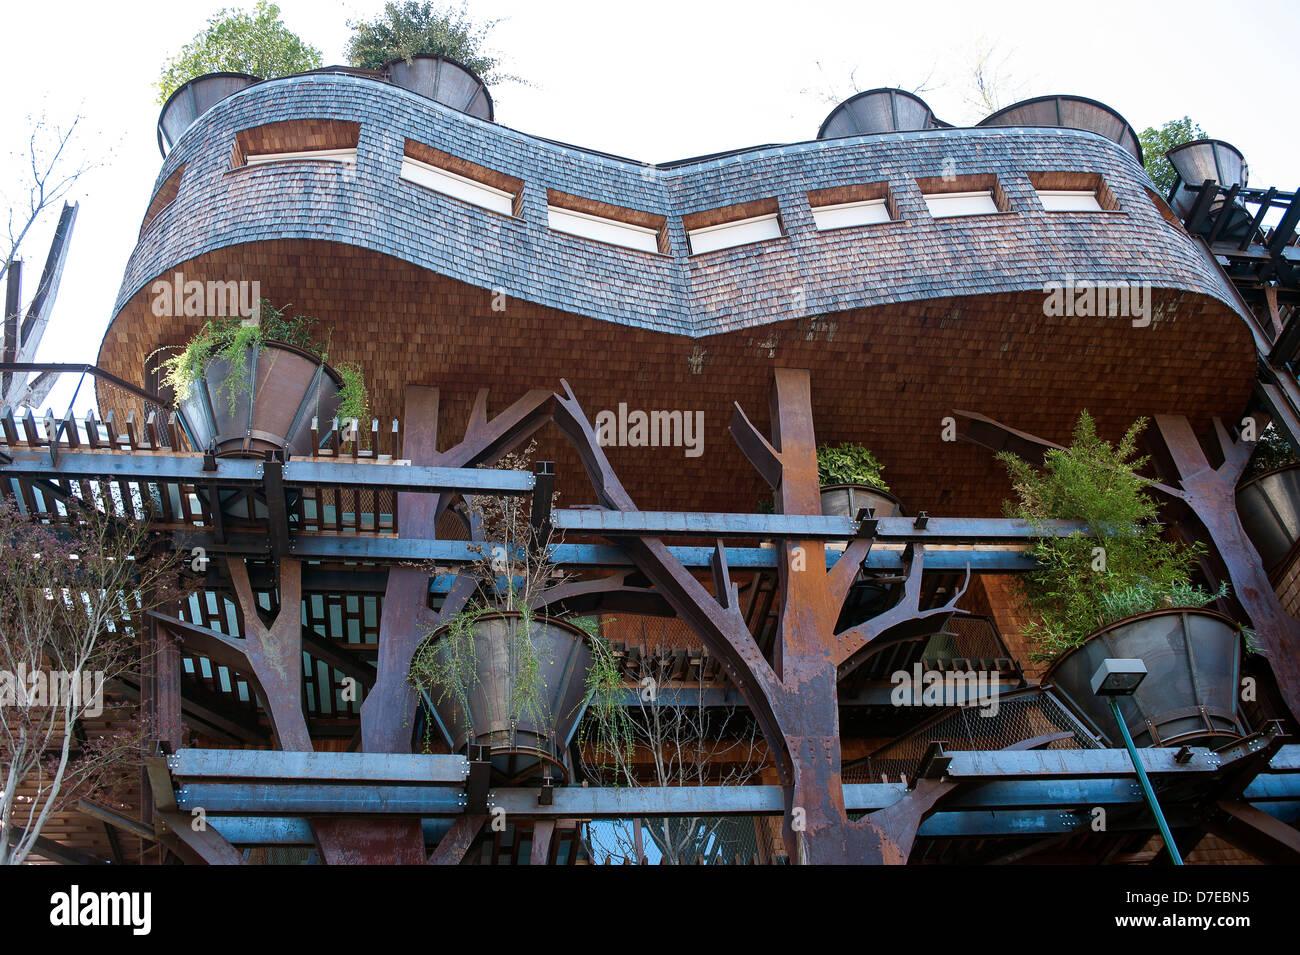 Europa Italia Piemonte Torino architettura moderna via chiabrera Treehouse di Luciano Pia Immagini Stock